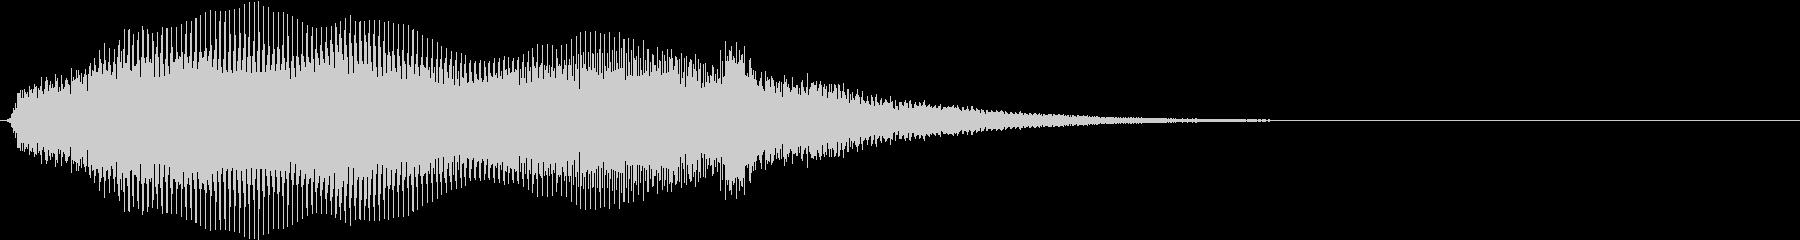 ダークな雰囲気_シンセパッド_Dの未再生の波形